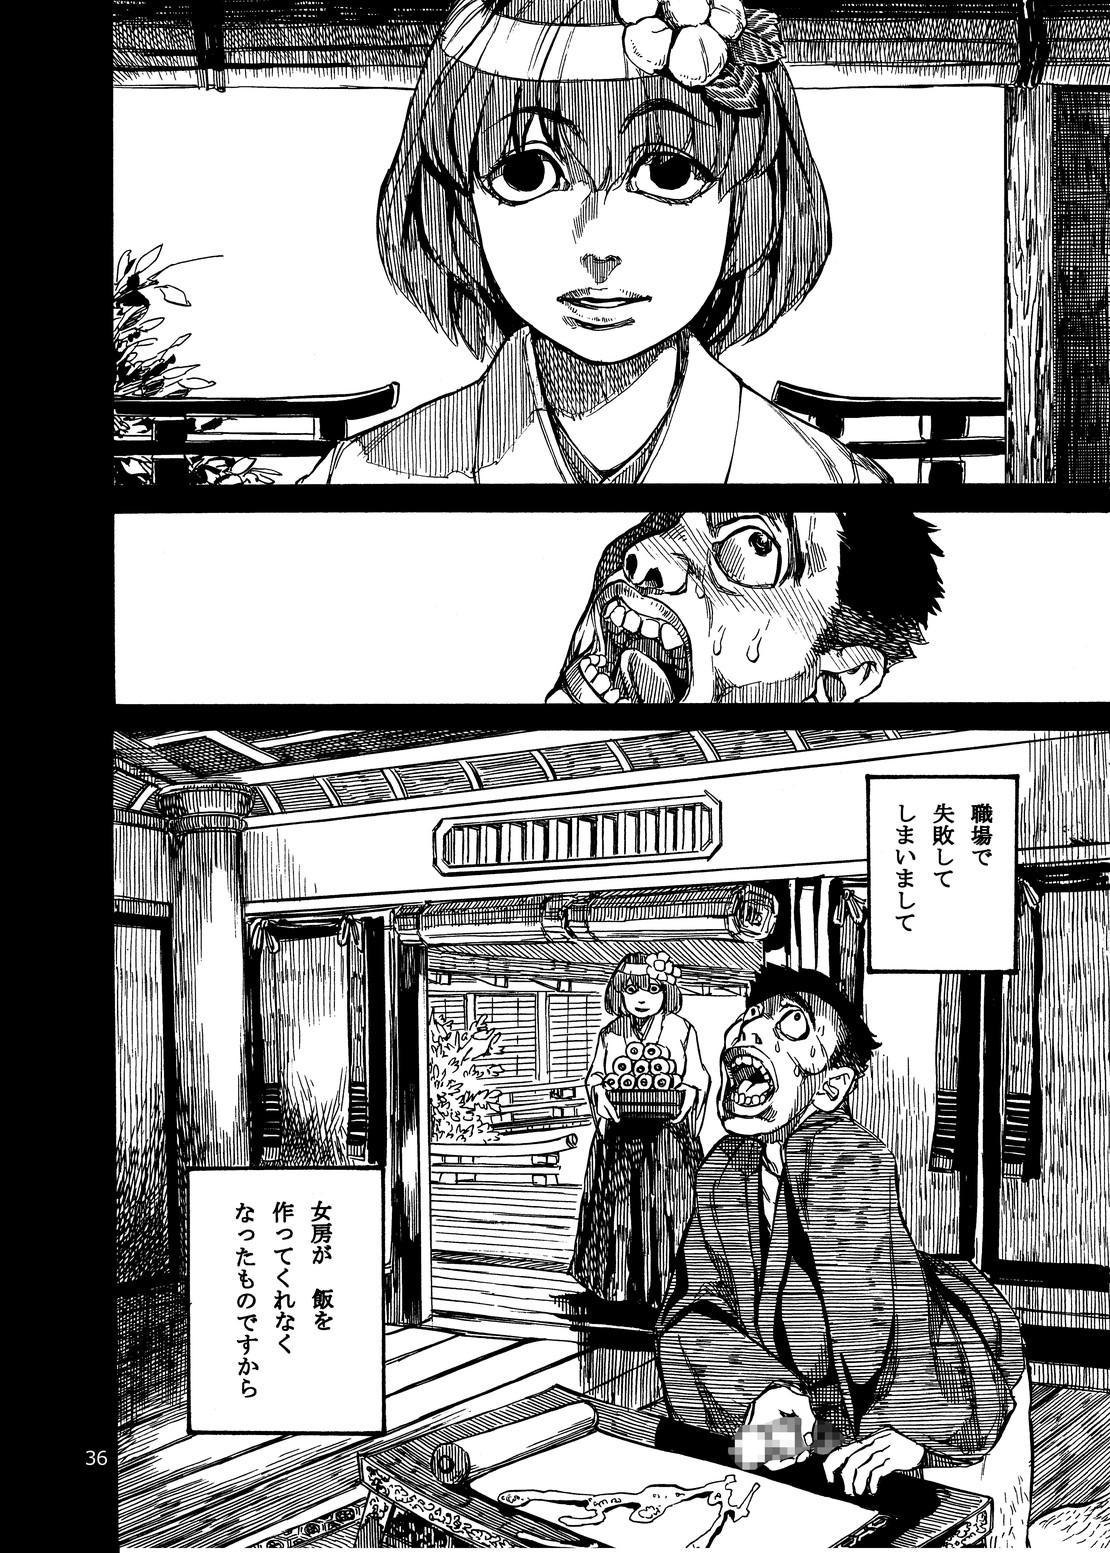 Shikibo Natsu 35